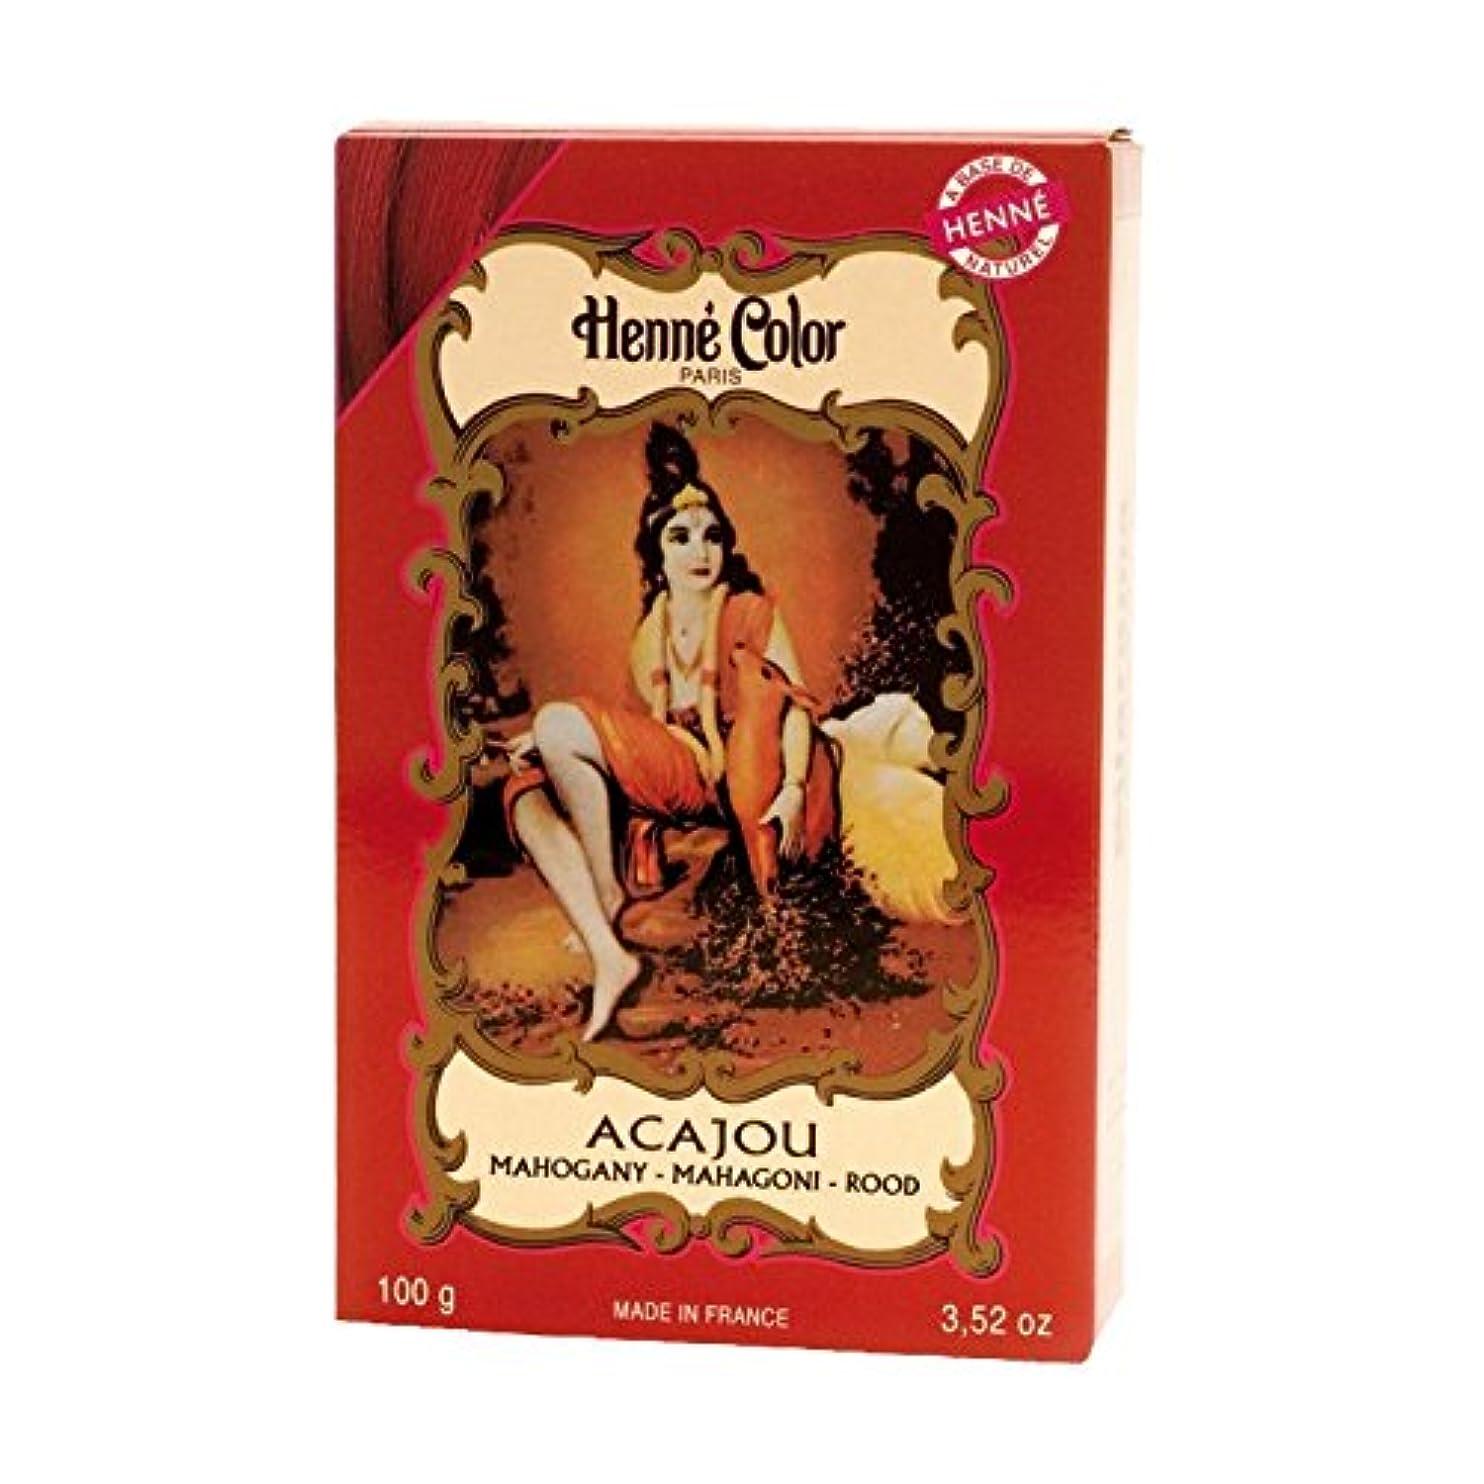 ハイブリッド練る致死ヘンカラーヘナパウダーヘアカラーマホガニー赤100グラム - Henne Color Henna Powder Hair Colour Mahogany Red 100g (Henne Color) [並行輸入品]